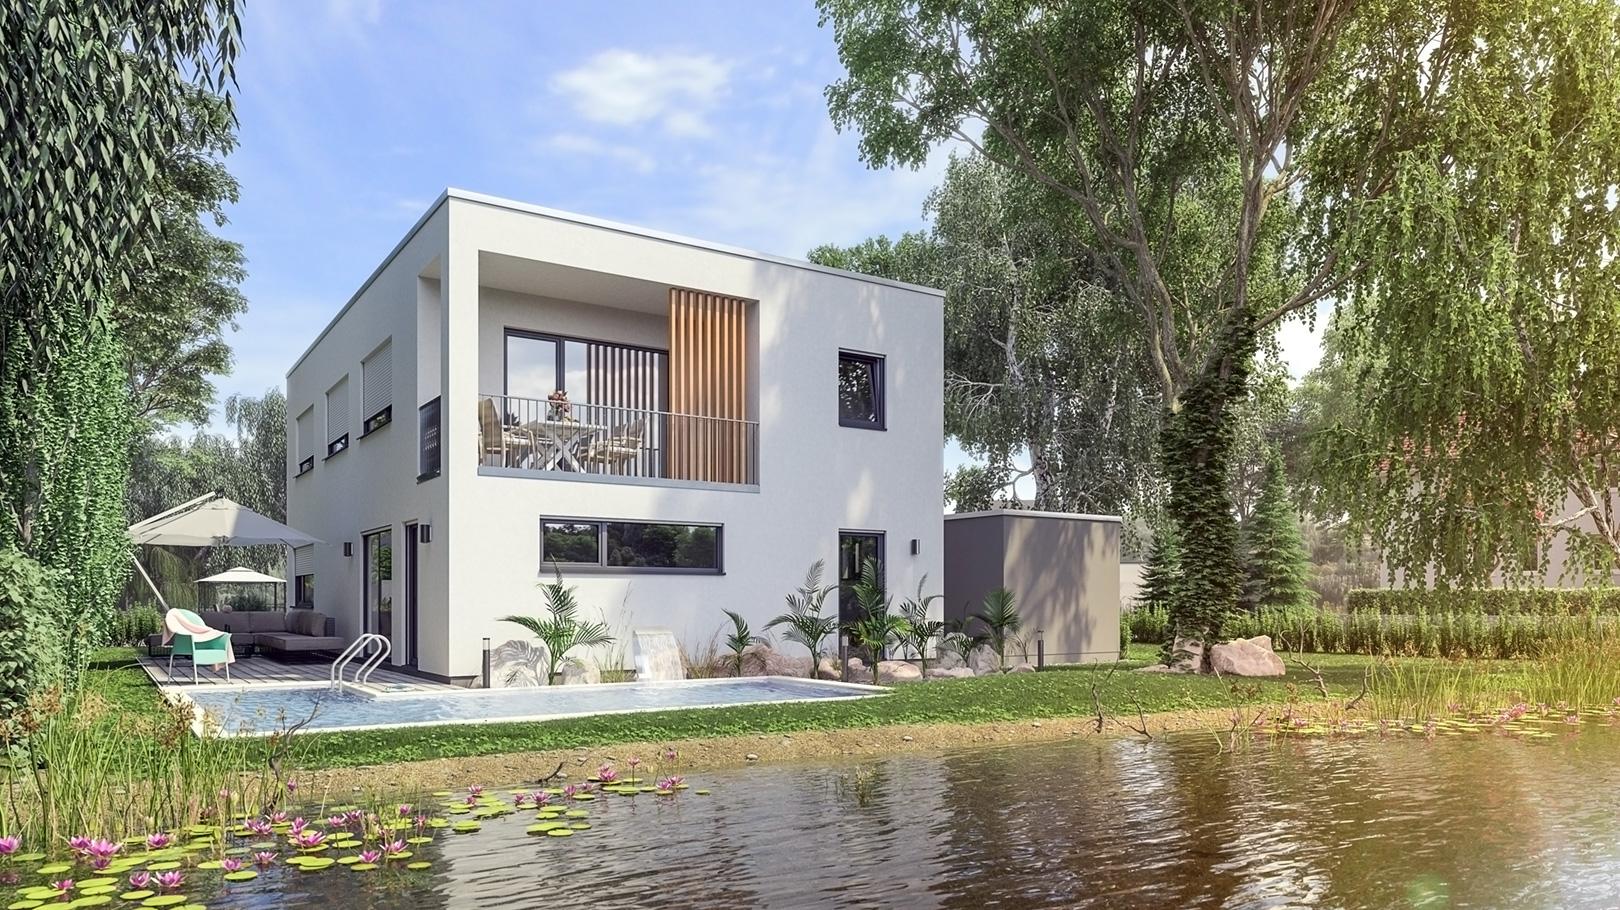 Haus-Idee Erfurt